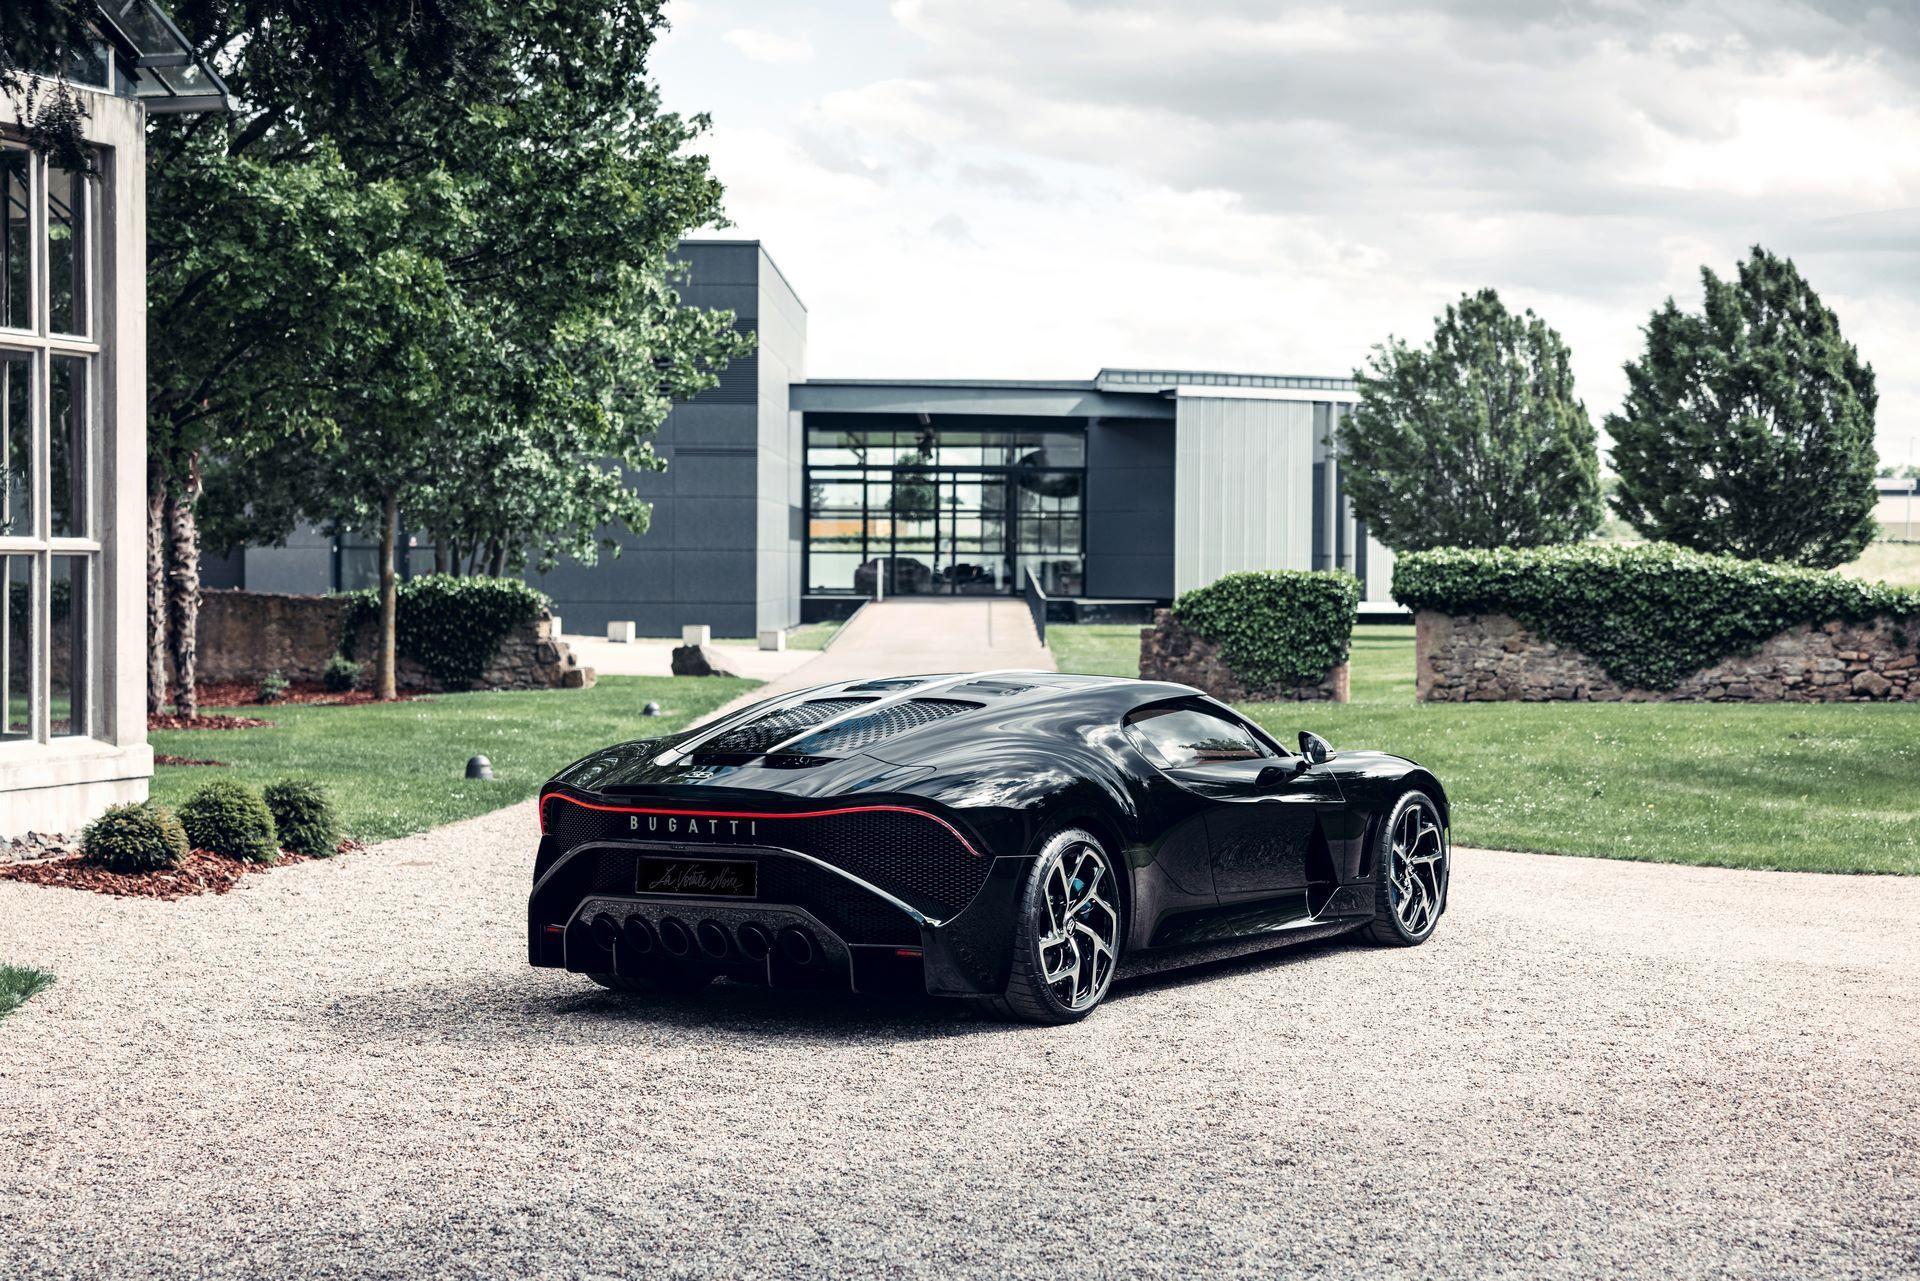 Bugatti-La-Voiture-Noire-12